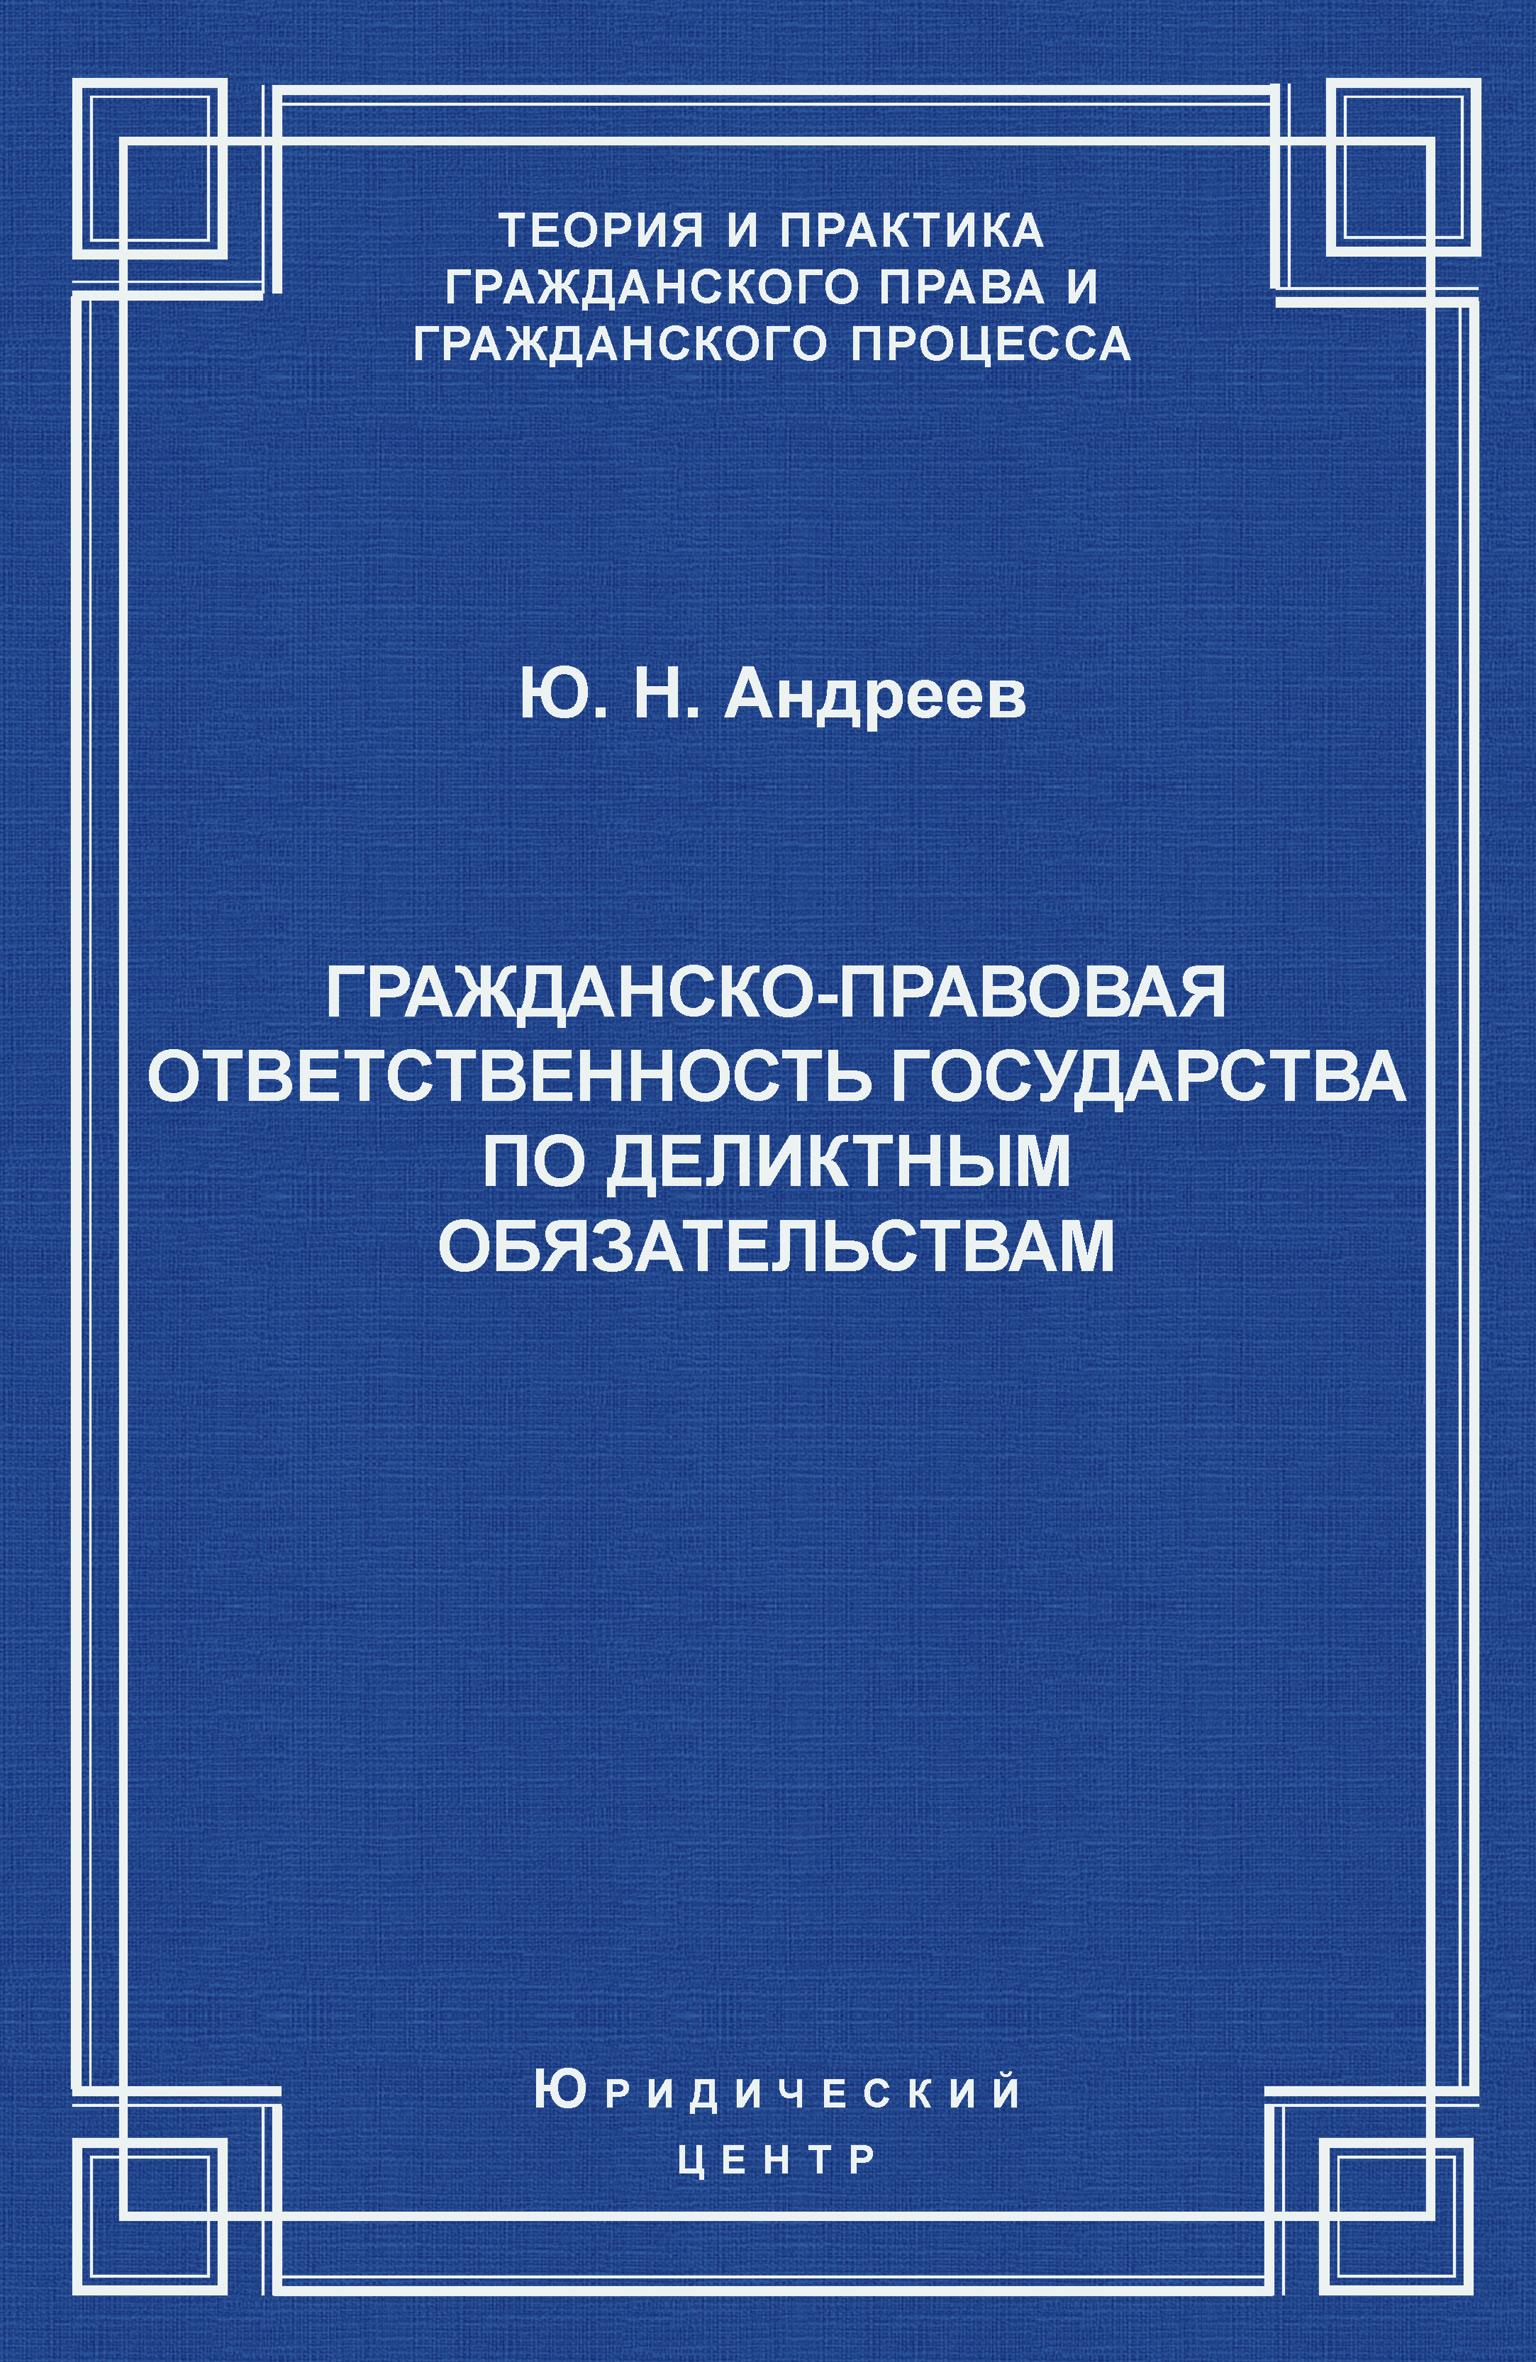 Ю. Н. Андреев Гражданско-правовая ответственность государства по деликтным обязательствам: Теория и судебная практика цена